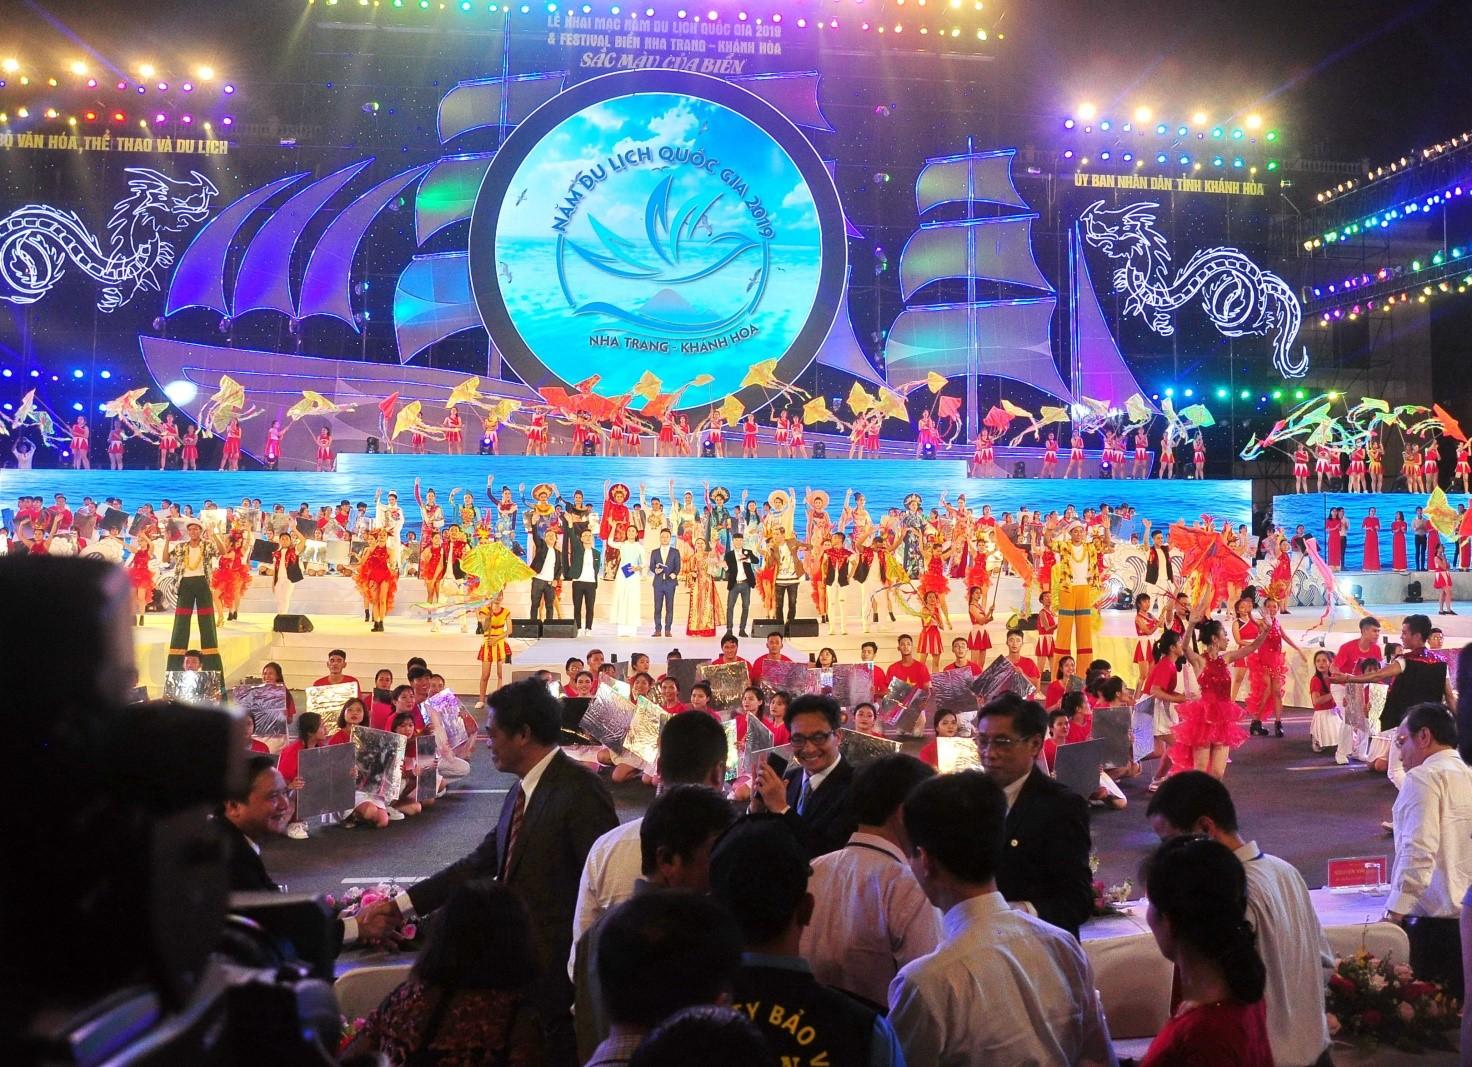 Phó Thủ tướng Vũ Đức Đam dự khai mạc Festival Biển Nha Trang